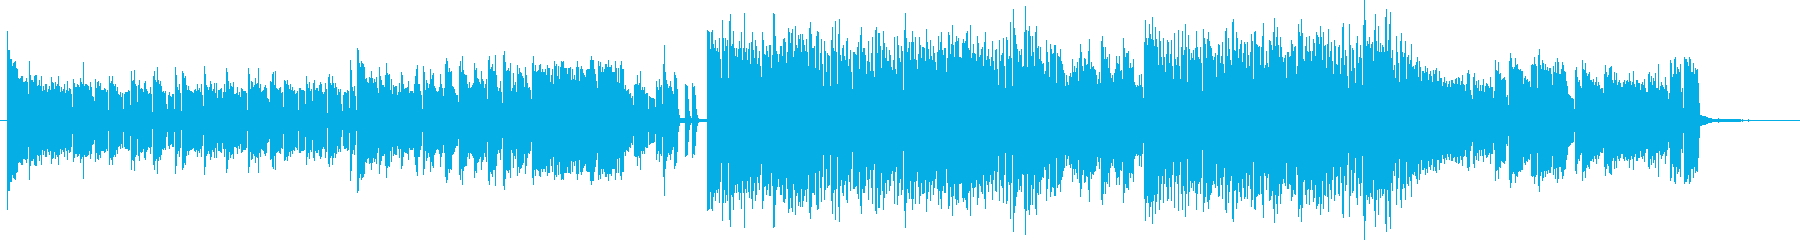 ハイスピード、疾走感のあるエレクトロの再生済みの波形